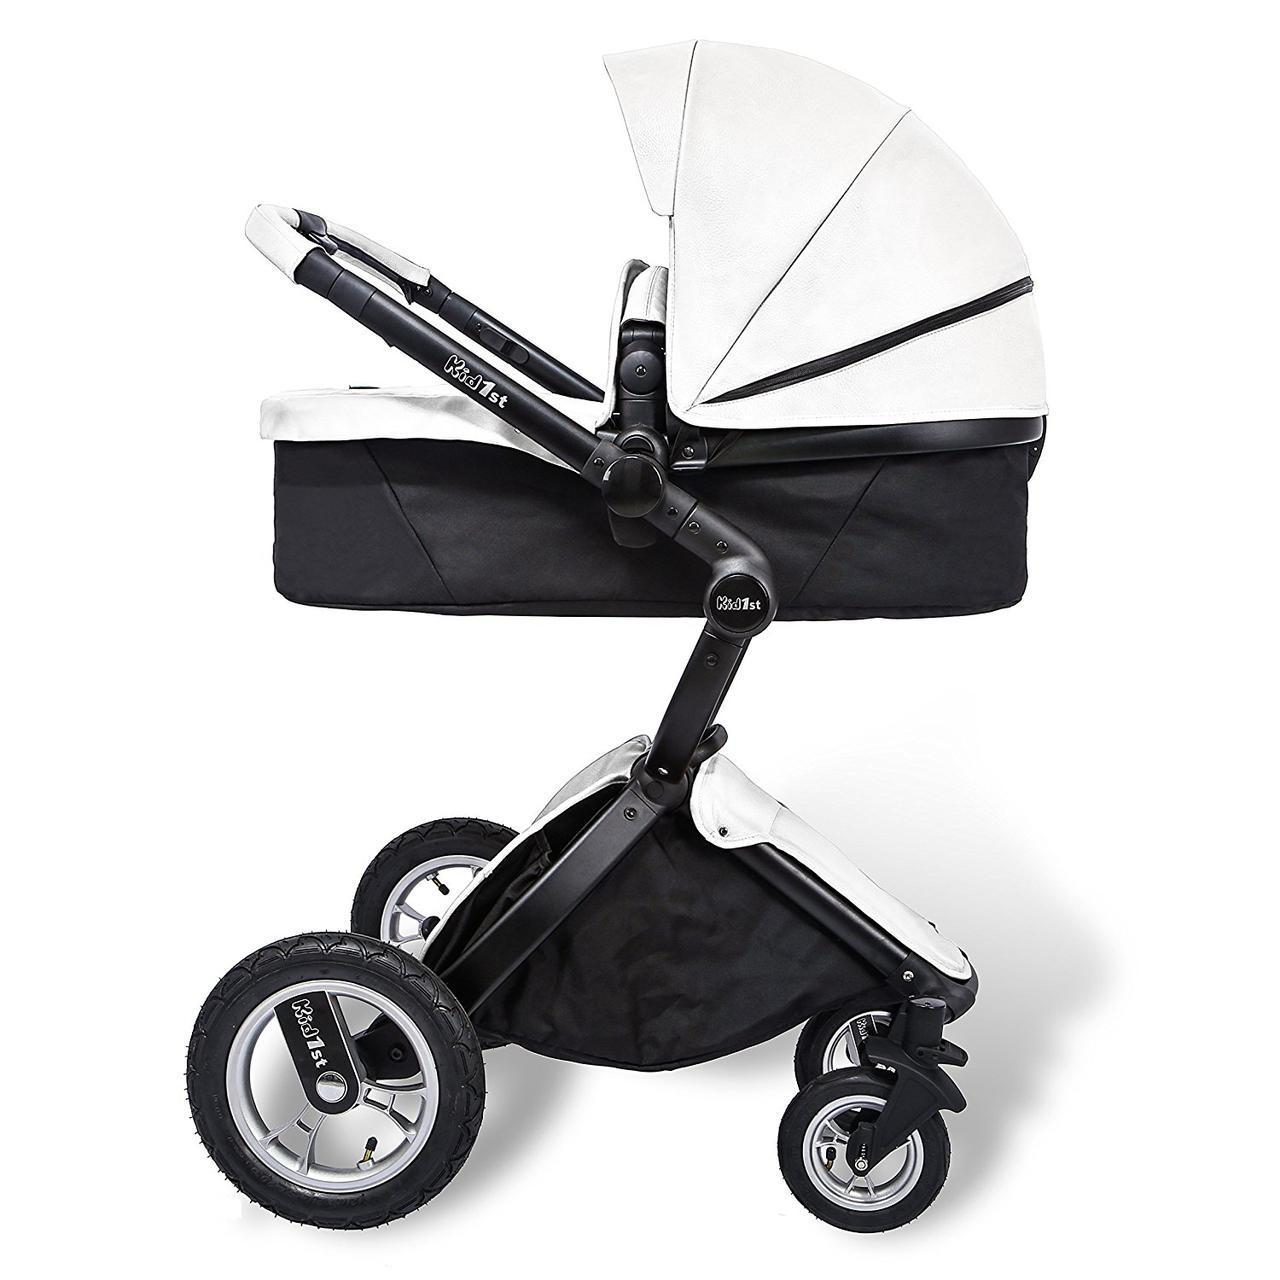 Детская коляска-трансформер 2 в 1 Kid1st Белая эко-кожа (Уценка)